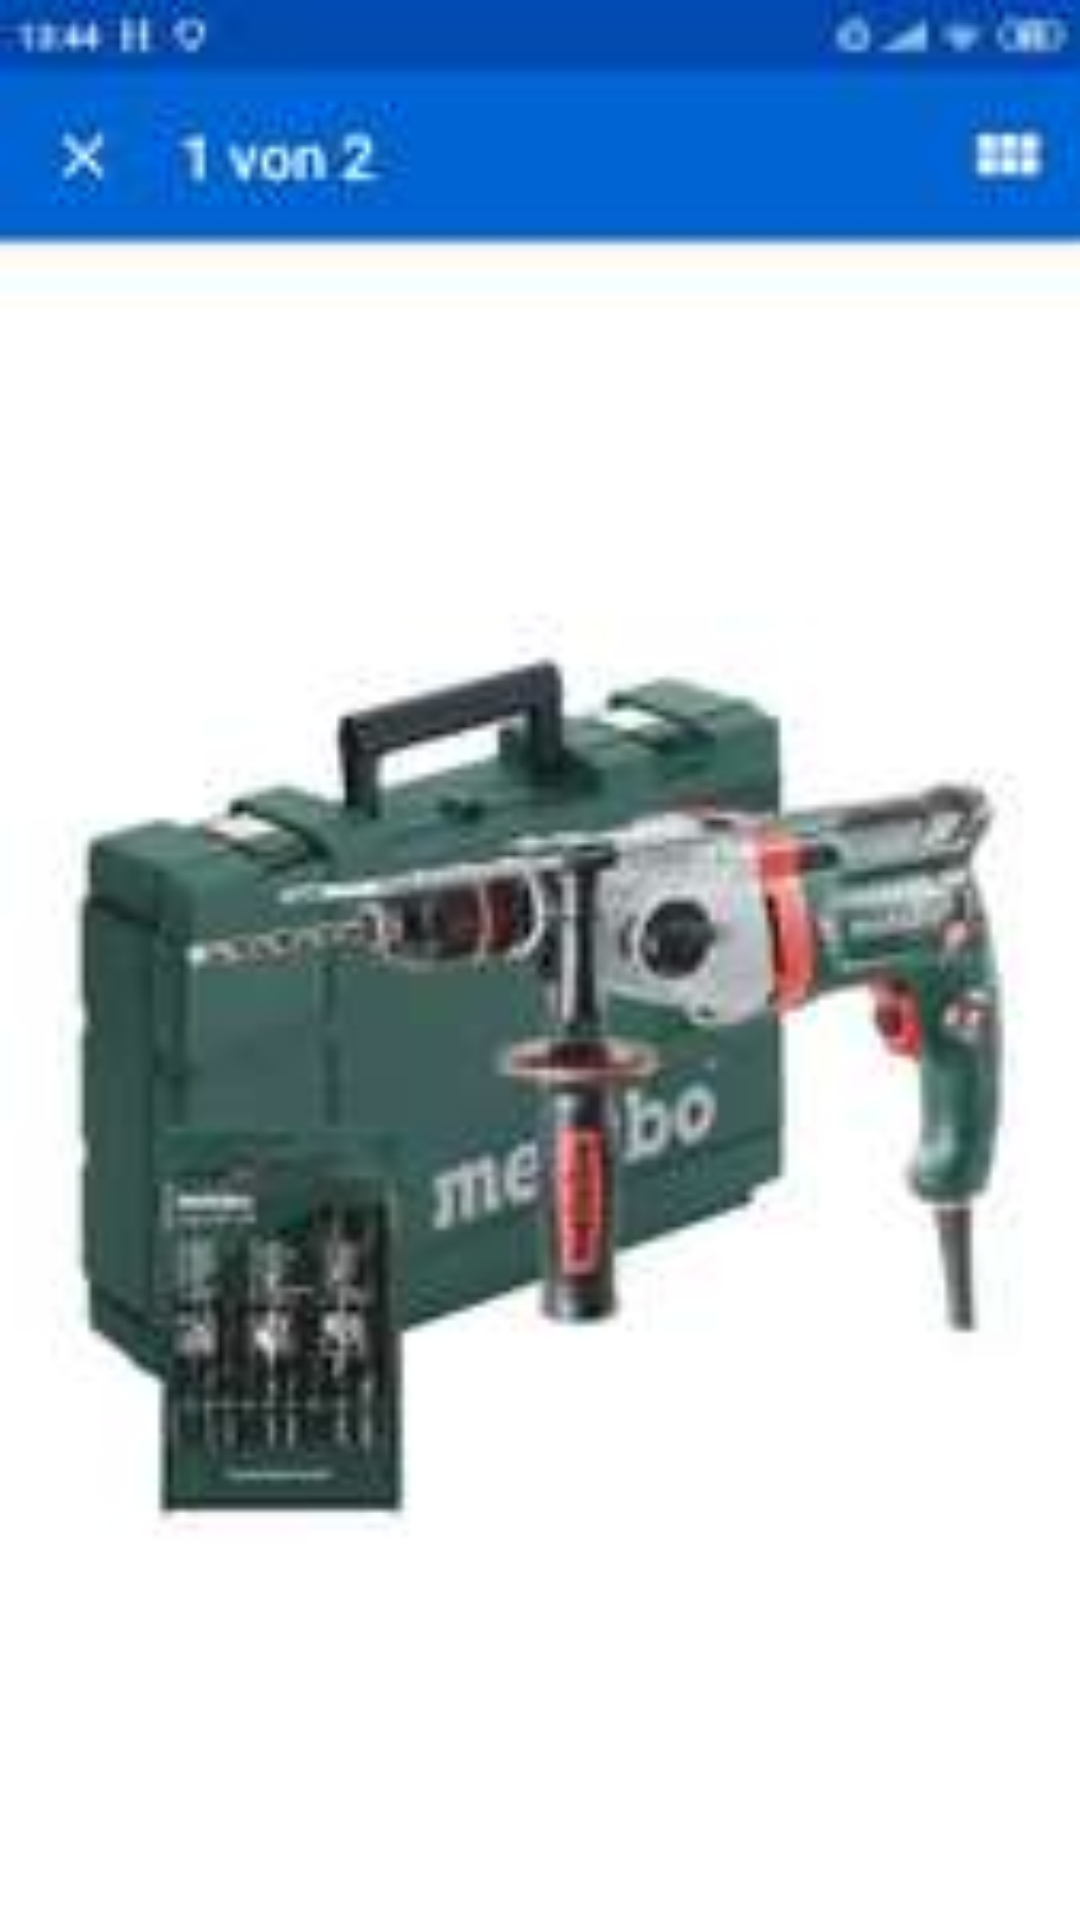 [eBay] Metabo Schlagbohrmaschine SBE 850-2 inkl. Bohrer